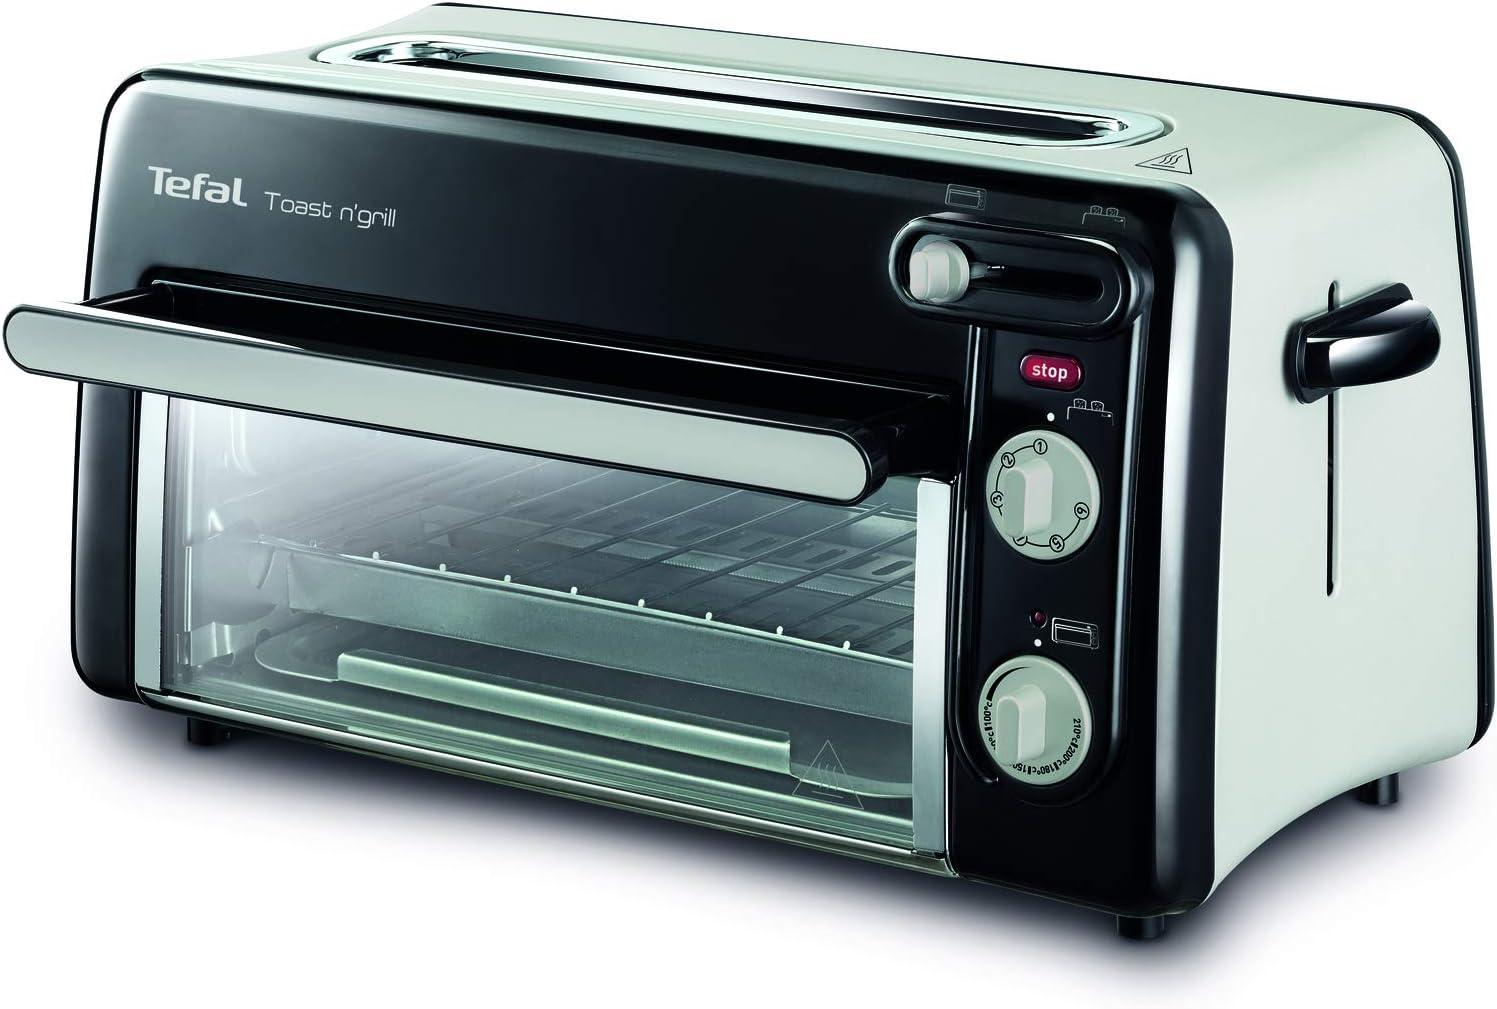 Tefal Toast & Grill TL6008 - Tostador y horno, 2 en 1, potencia 1300 W, 1 ranura larga, temporizador 10 min, termostato regulable hasta 220 C, Incluye libro de recetas, bandeja recogemigas